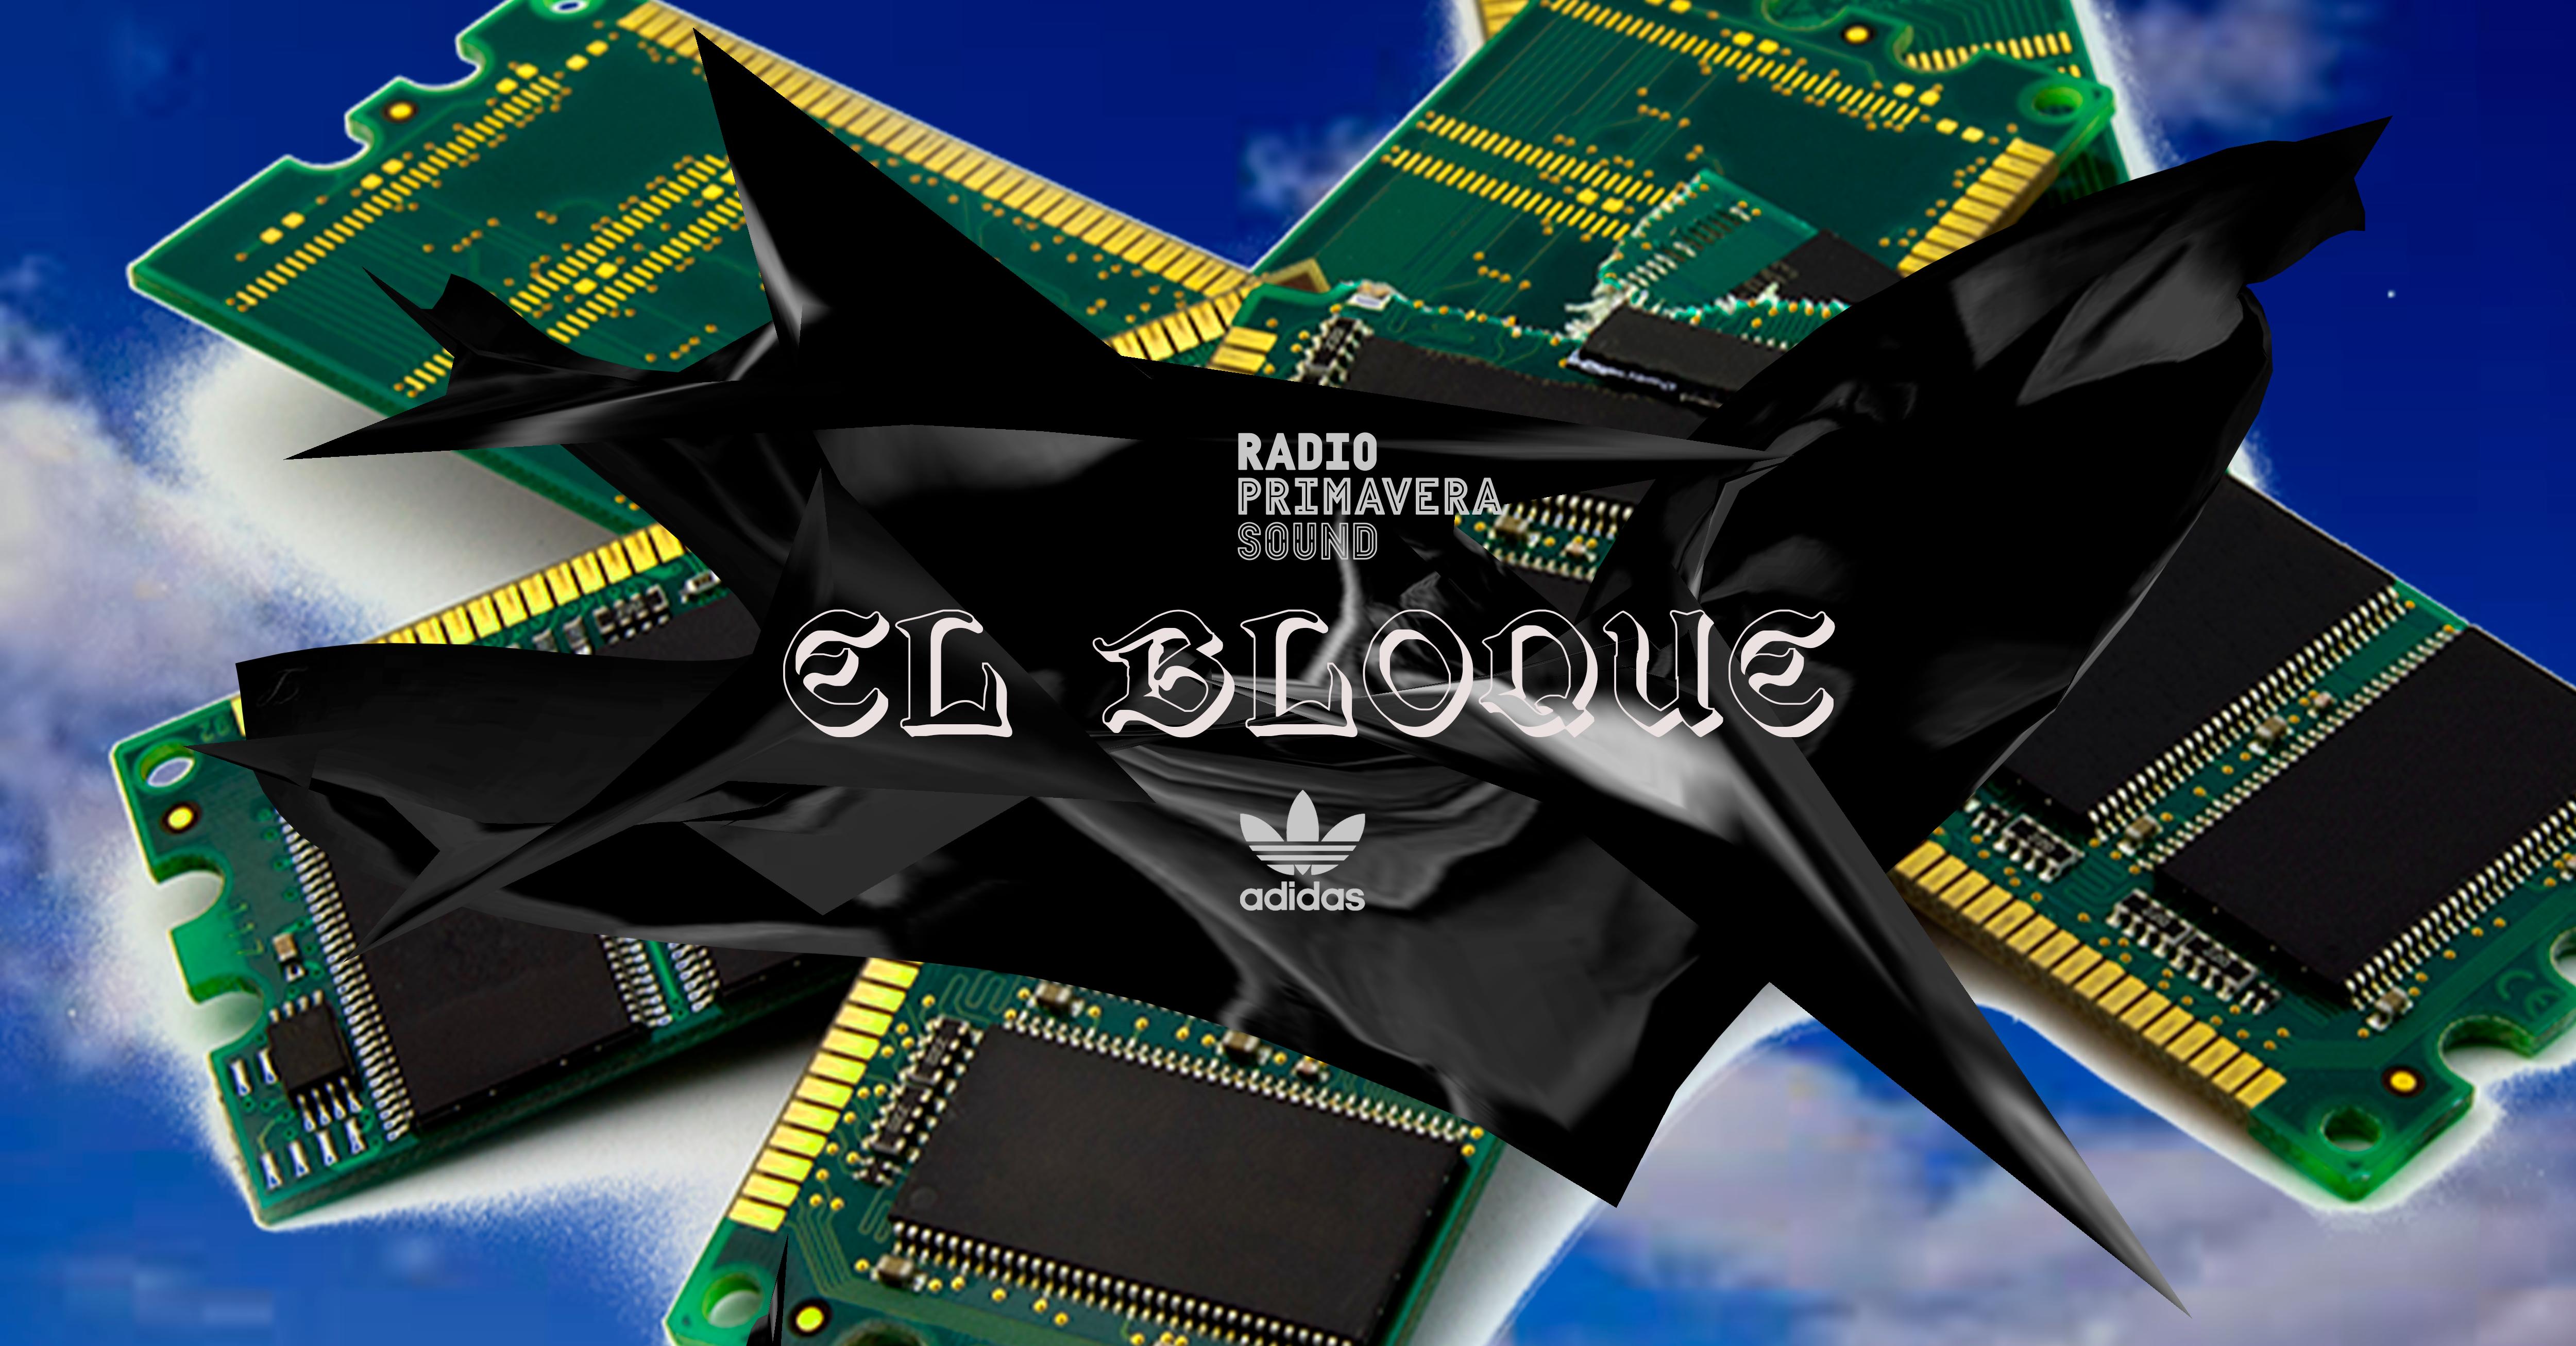 Si Privilegio Experimentar  Radio Primavera Sound - El Bloque en Primavera Sound 2019